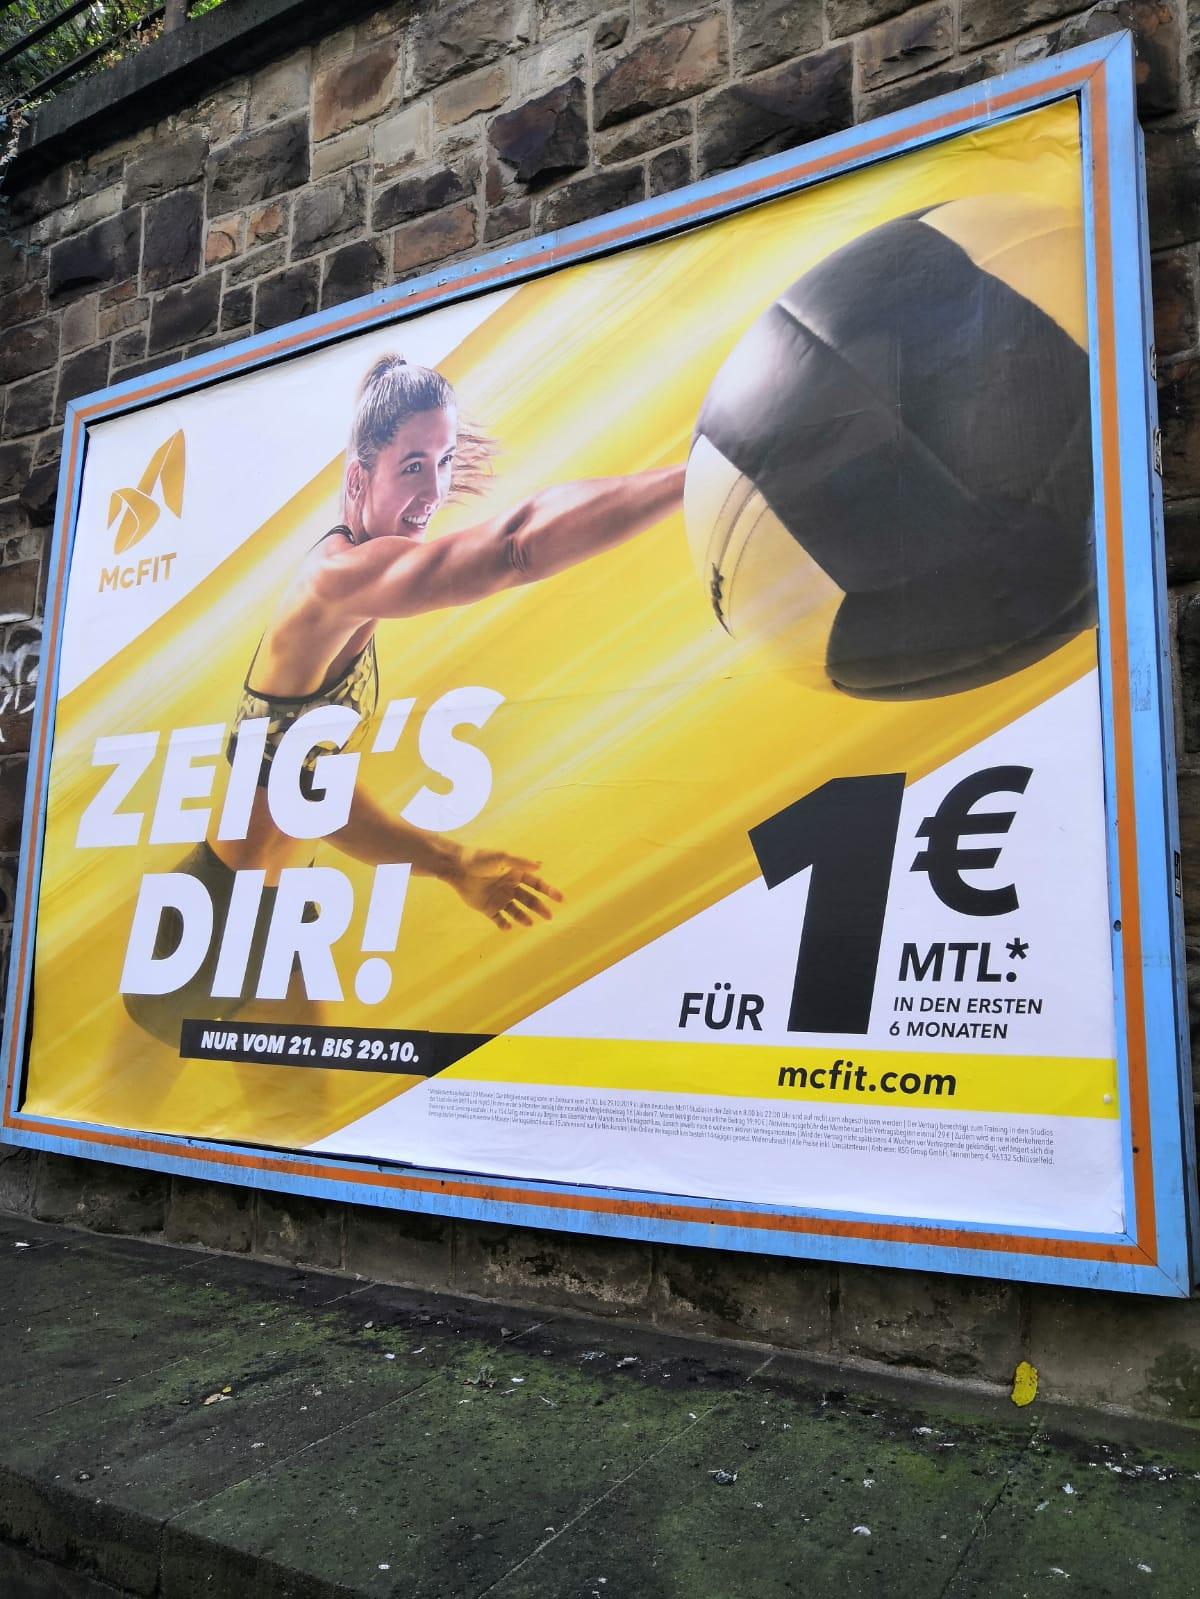 McFit in den ersten 6 Monaten für 1 Euro, danach 19,90